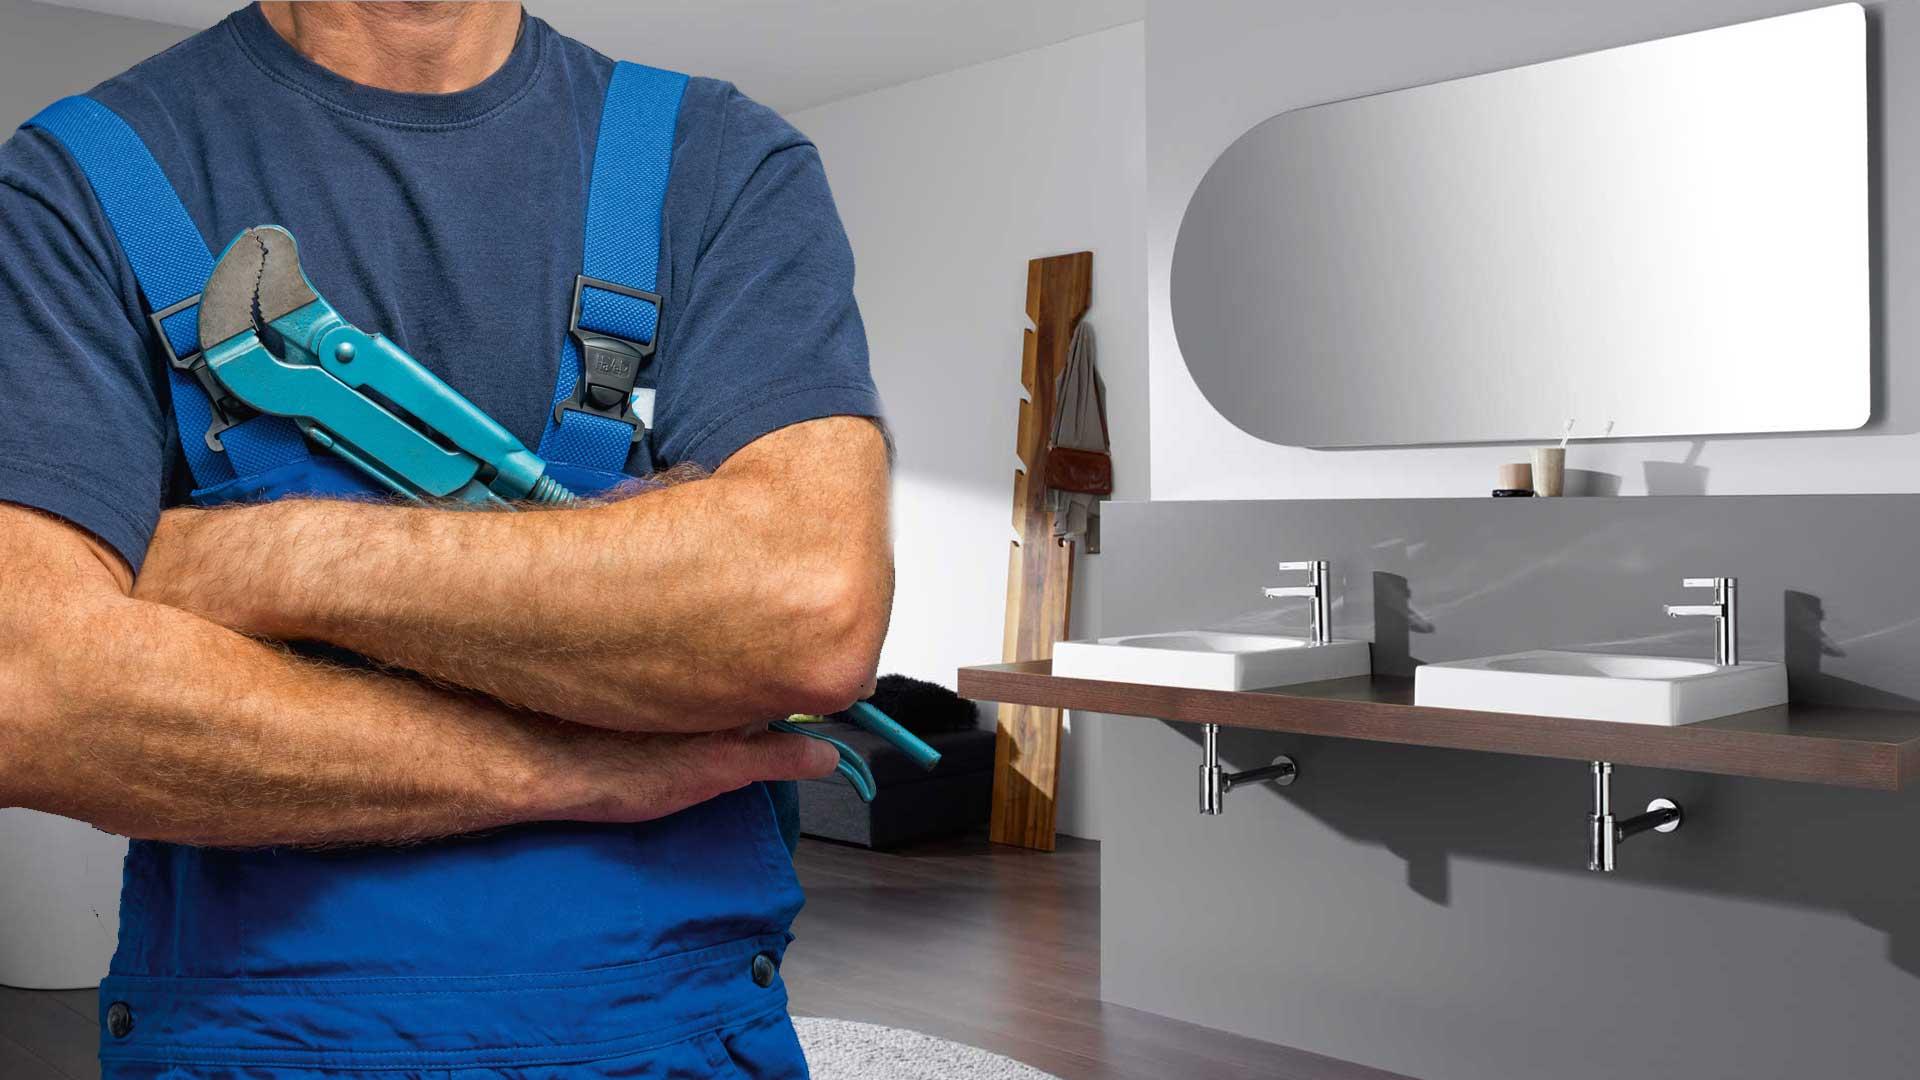 abfluss verstopft k che und bad beleuchtung arbeitsplatte k che modern klein ikea rolloschrank. Black Bedroom Furniture Sets. Home Design Ideas